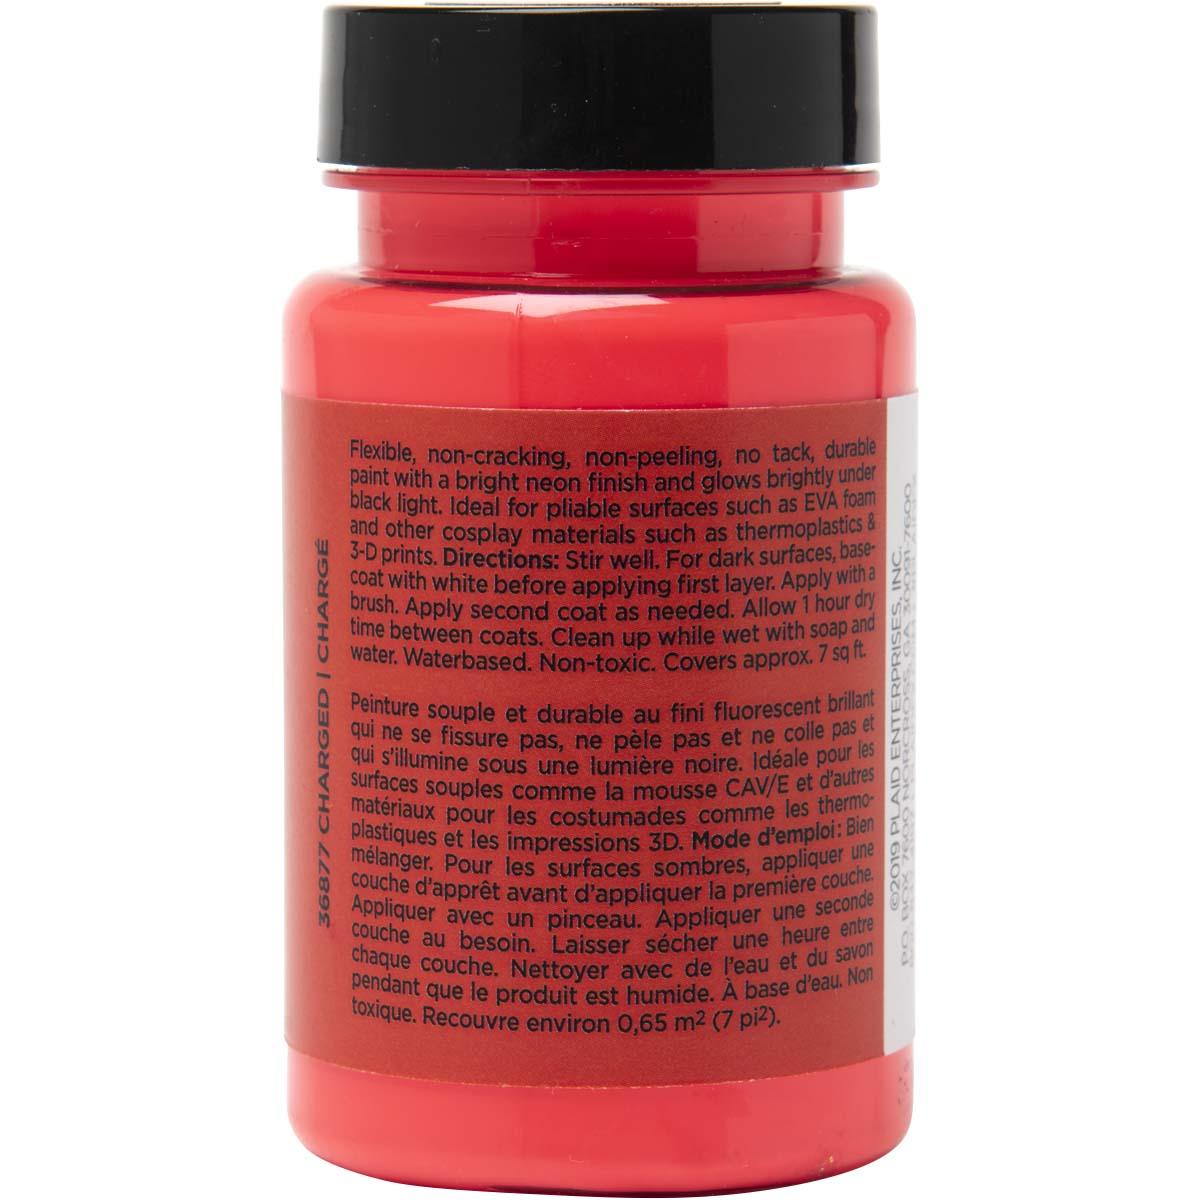 PlaidFX Nuclear Neon Flexible Acrylic Paint - Charged, 3 oz. - 36877